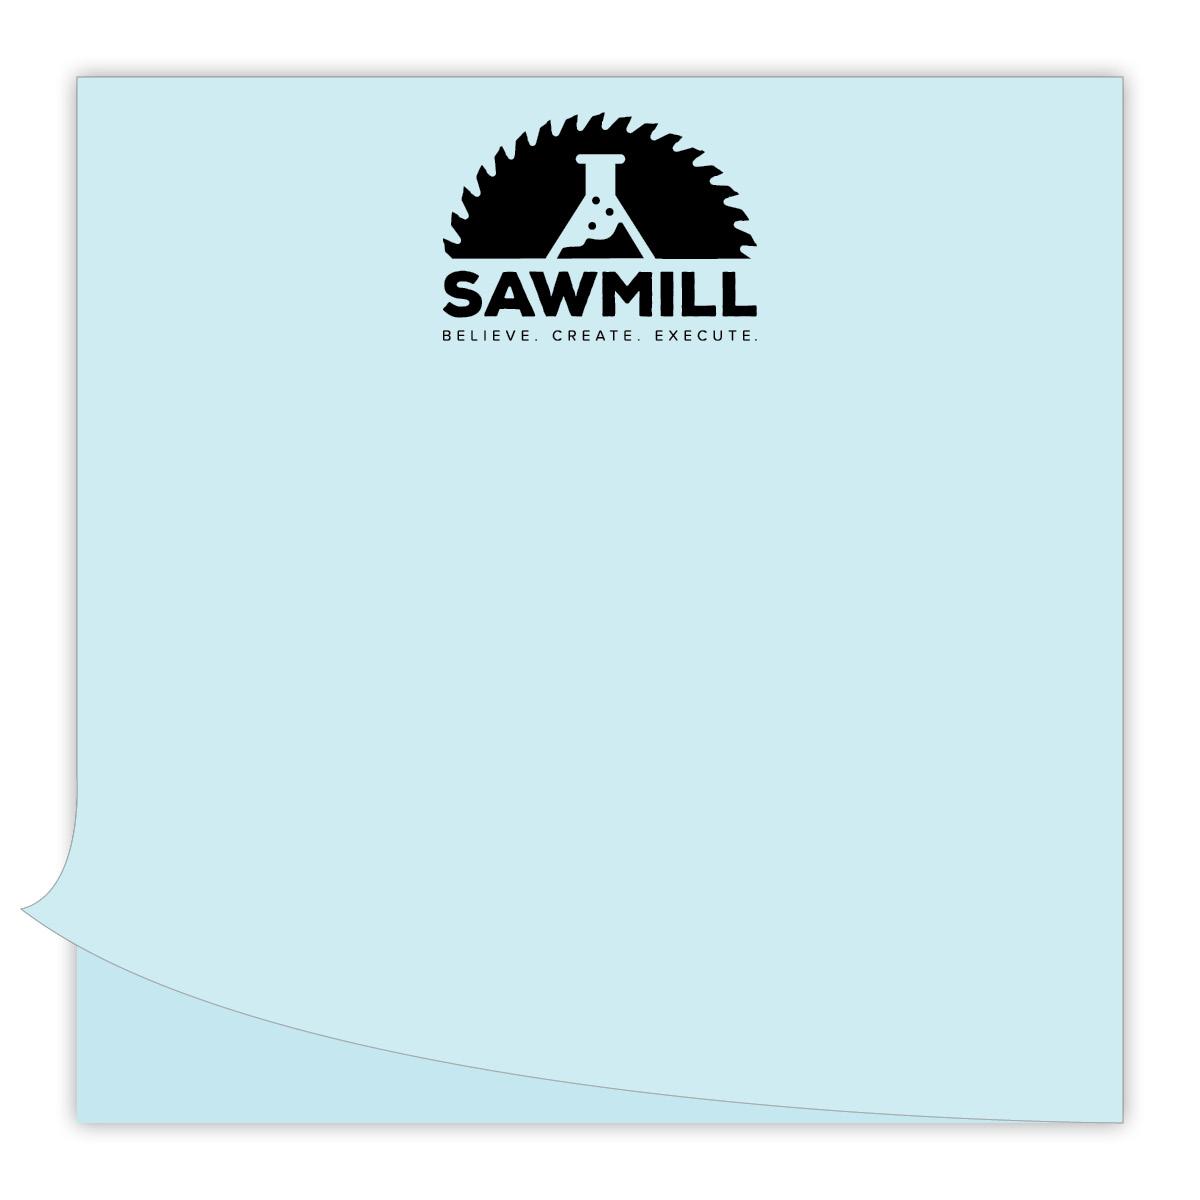 PostIt Sawmill.jpg